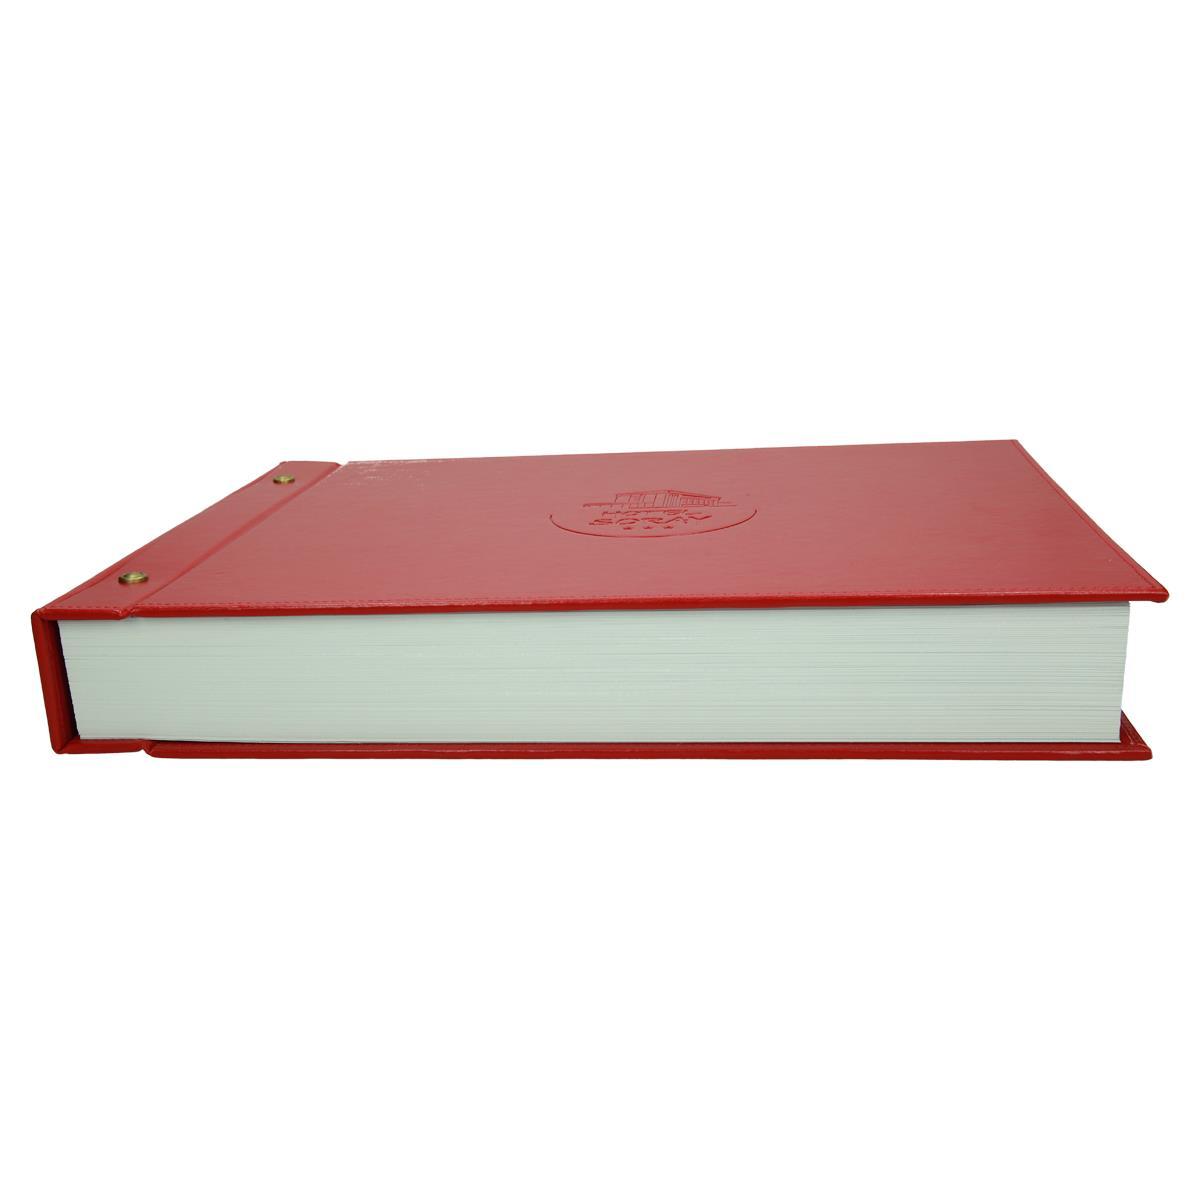 Mocowanie wkładów na śruby mosiężne 3150_1 Kroniki, księgi